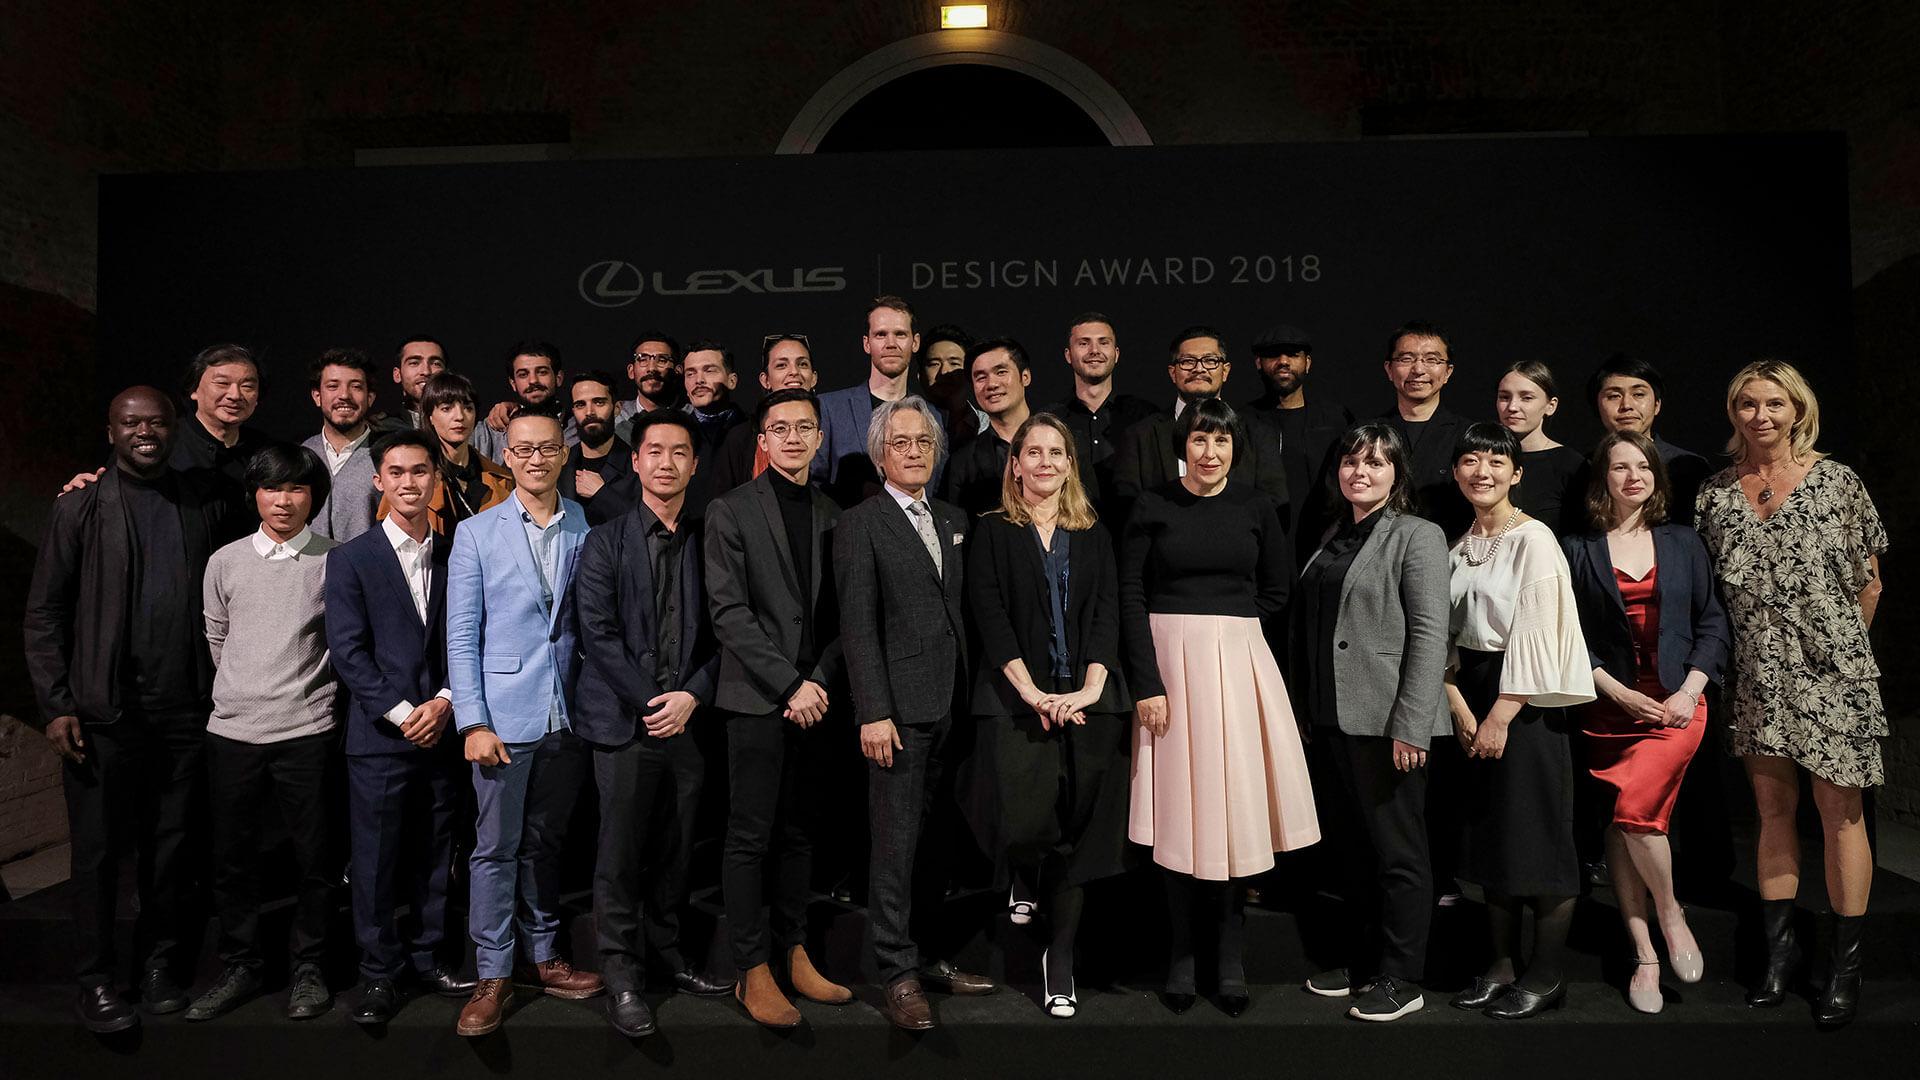 lexus lda 2018 winners article 002